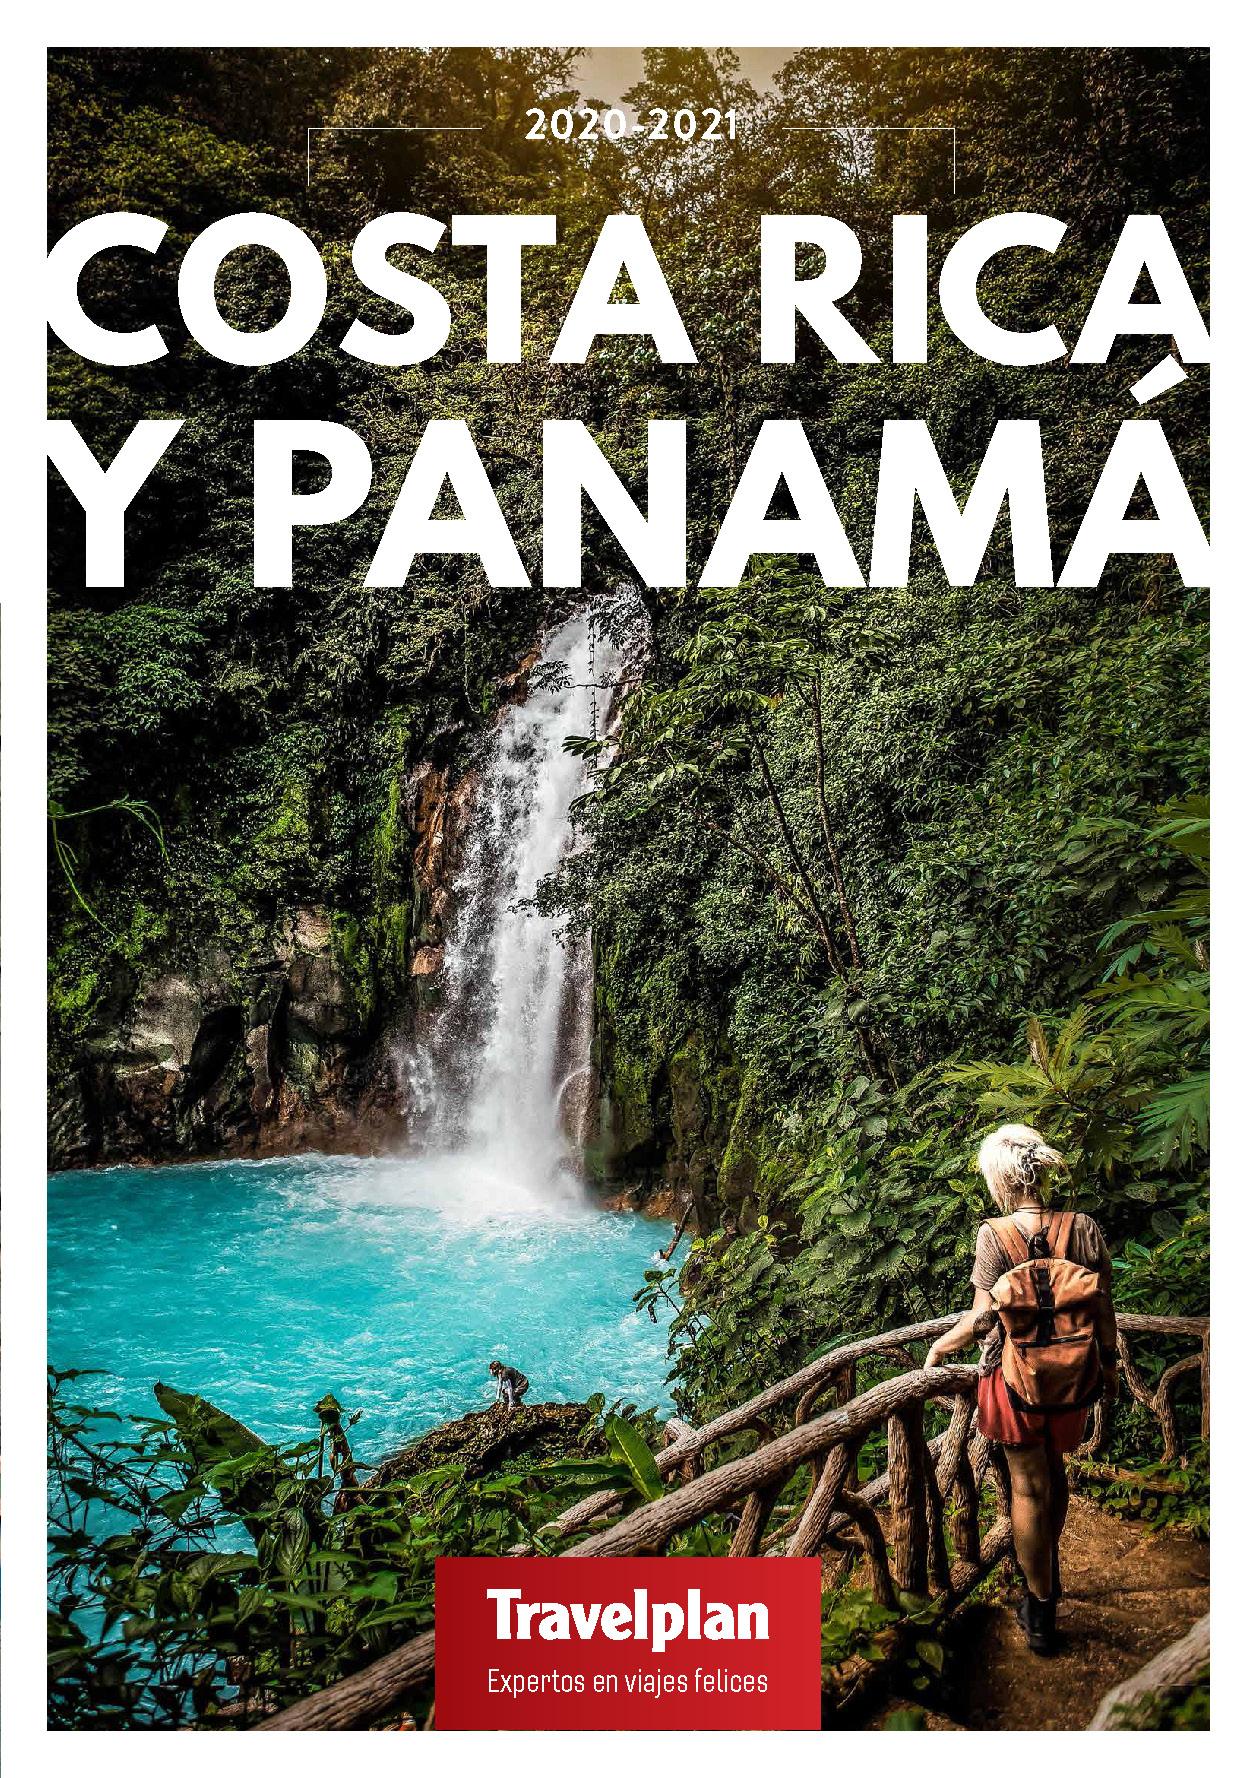 Catalogo Travelplan Costa Rica y Panama 2020-2021